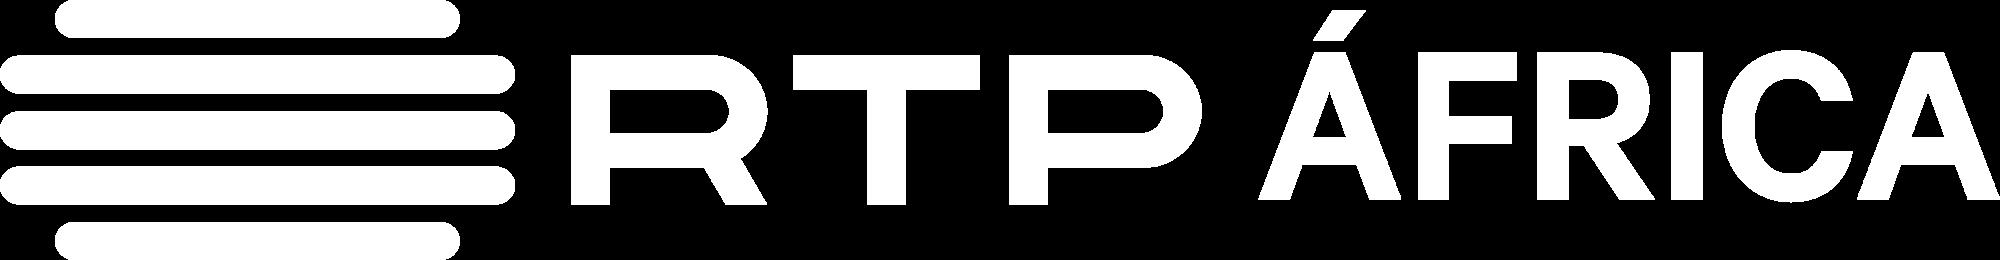 Logotipo RTP África